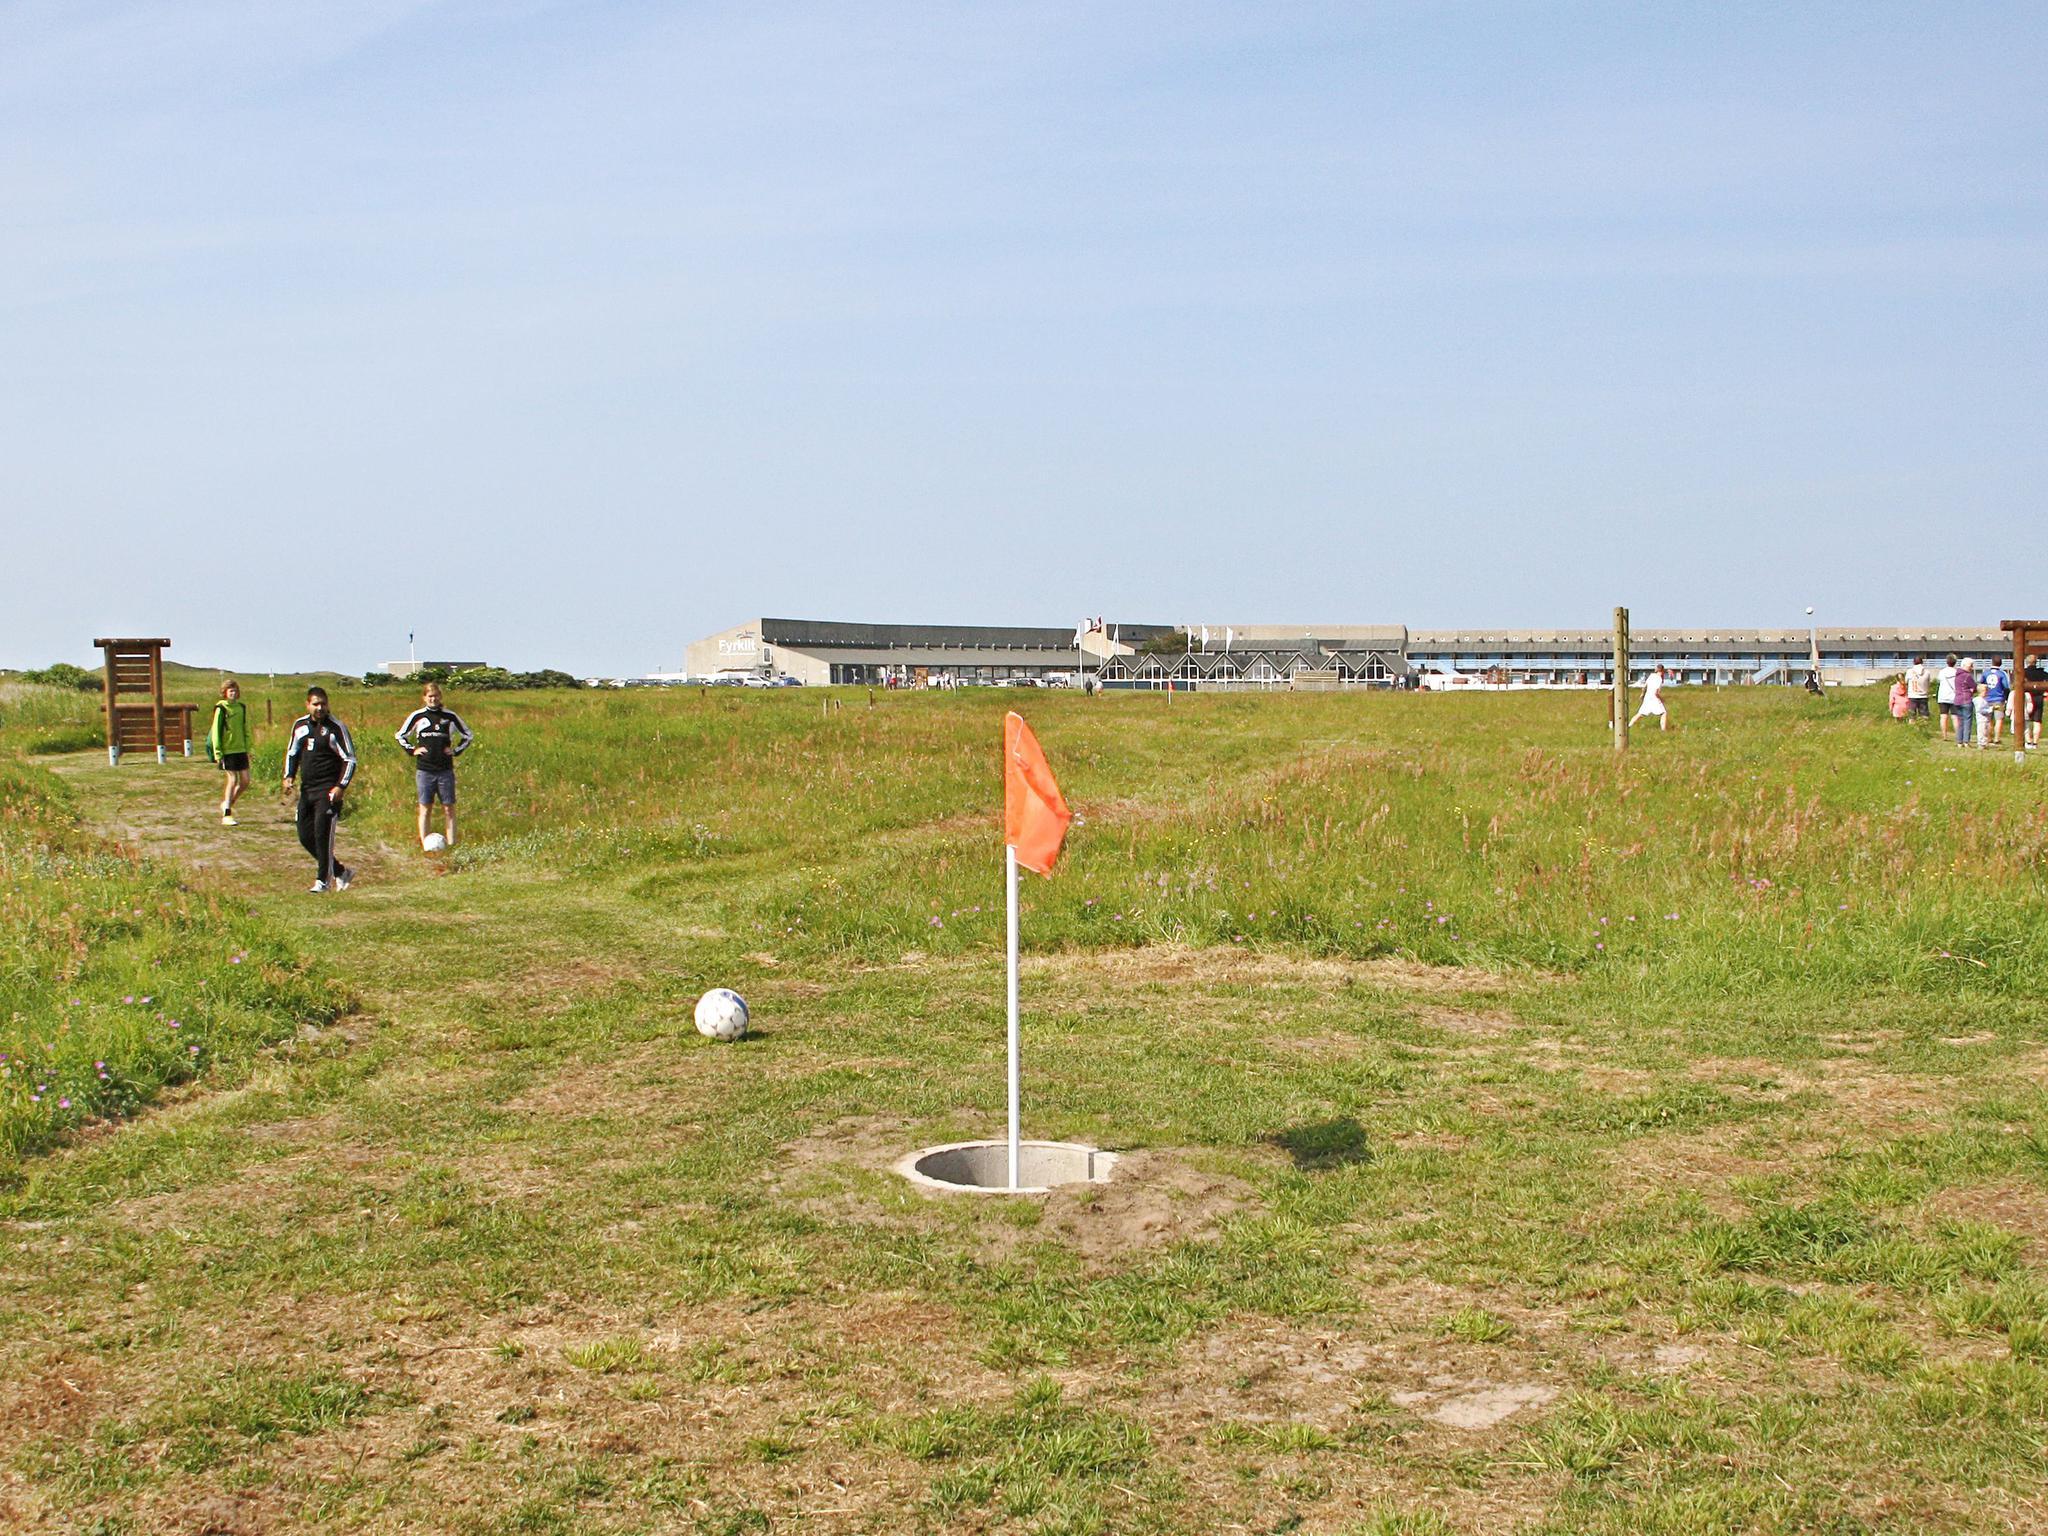 Ferienwohnung Hirtshals - Typ 1 - 2 Zimmer m/Meerblick (382686), Hirtshals, , Nordwestjütland, Dänemark, Bild 33